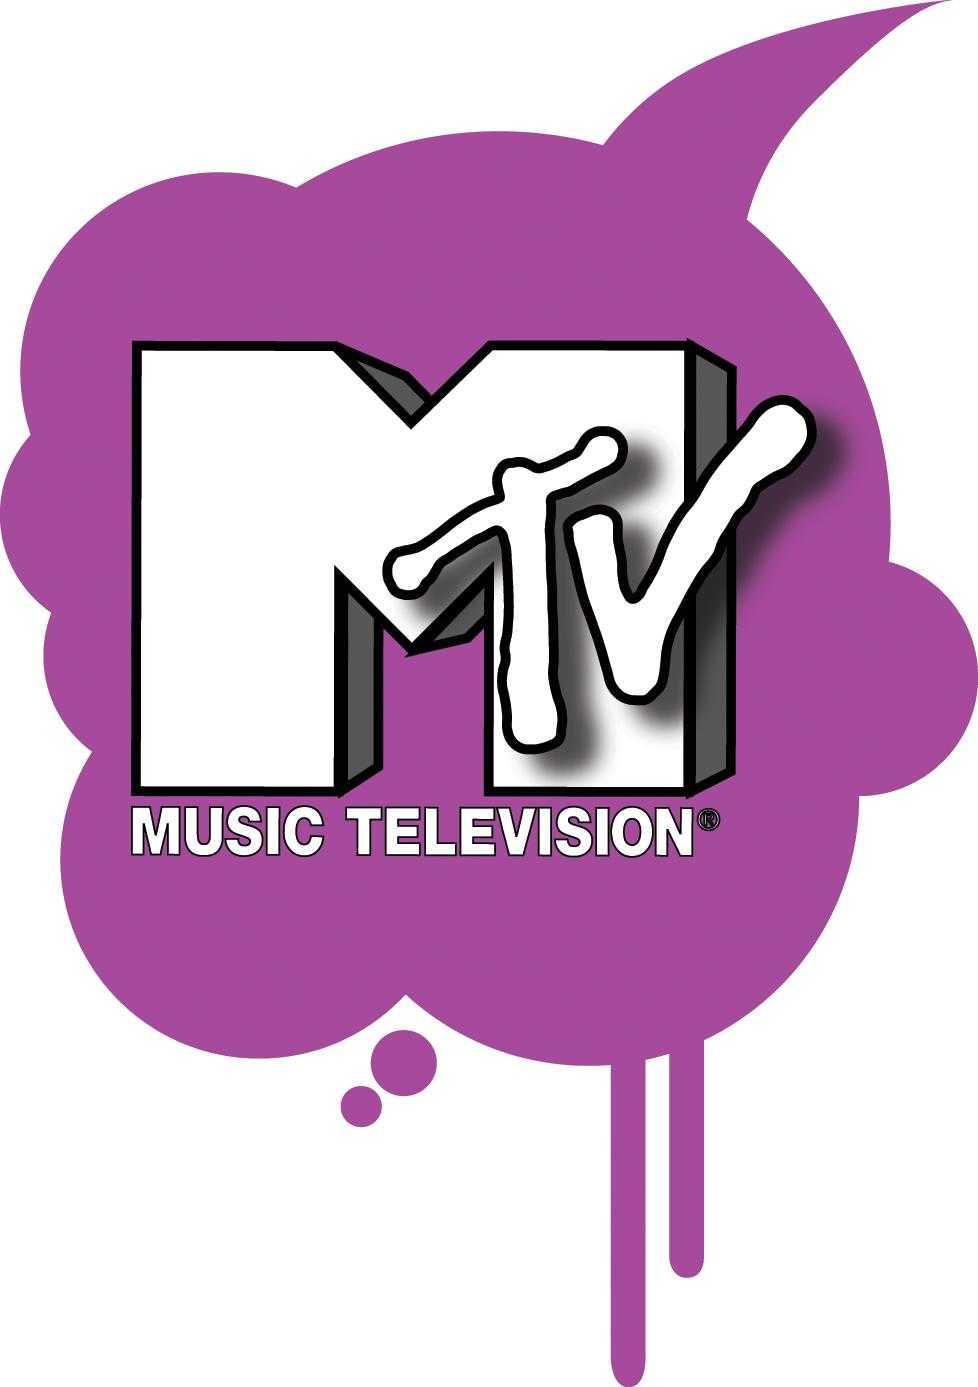 TI Media ragiona ipotesi scioglimento joint venture Viacom su Mtv Italia   Digitale terrestre: Dtti.it